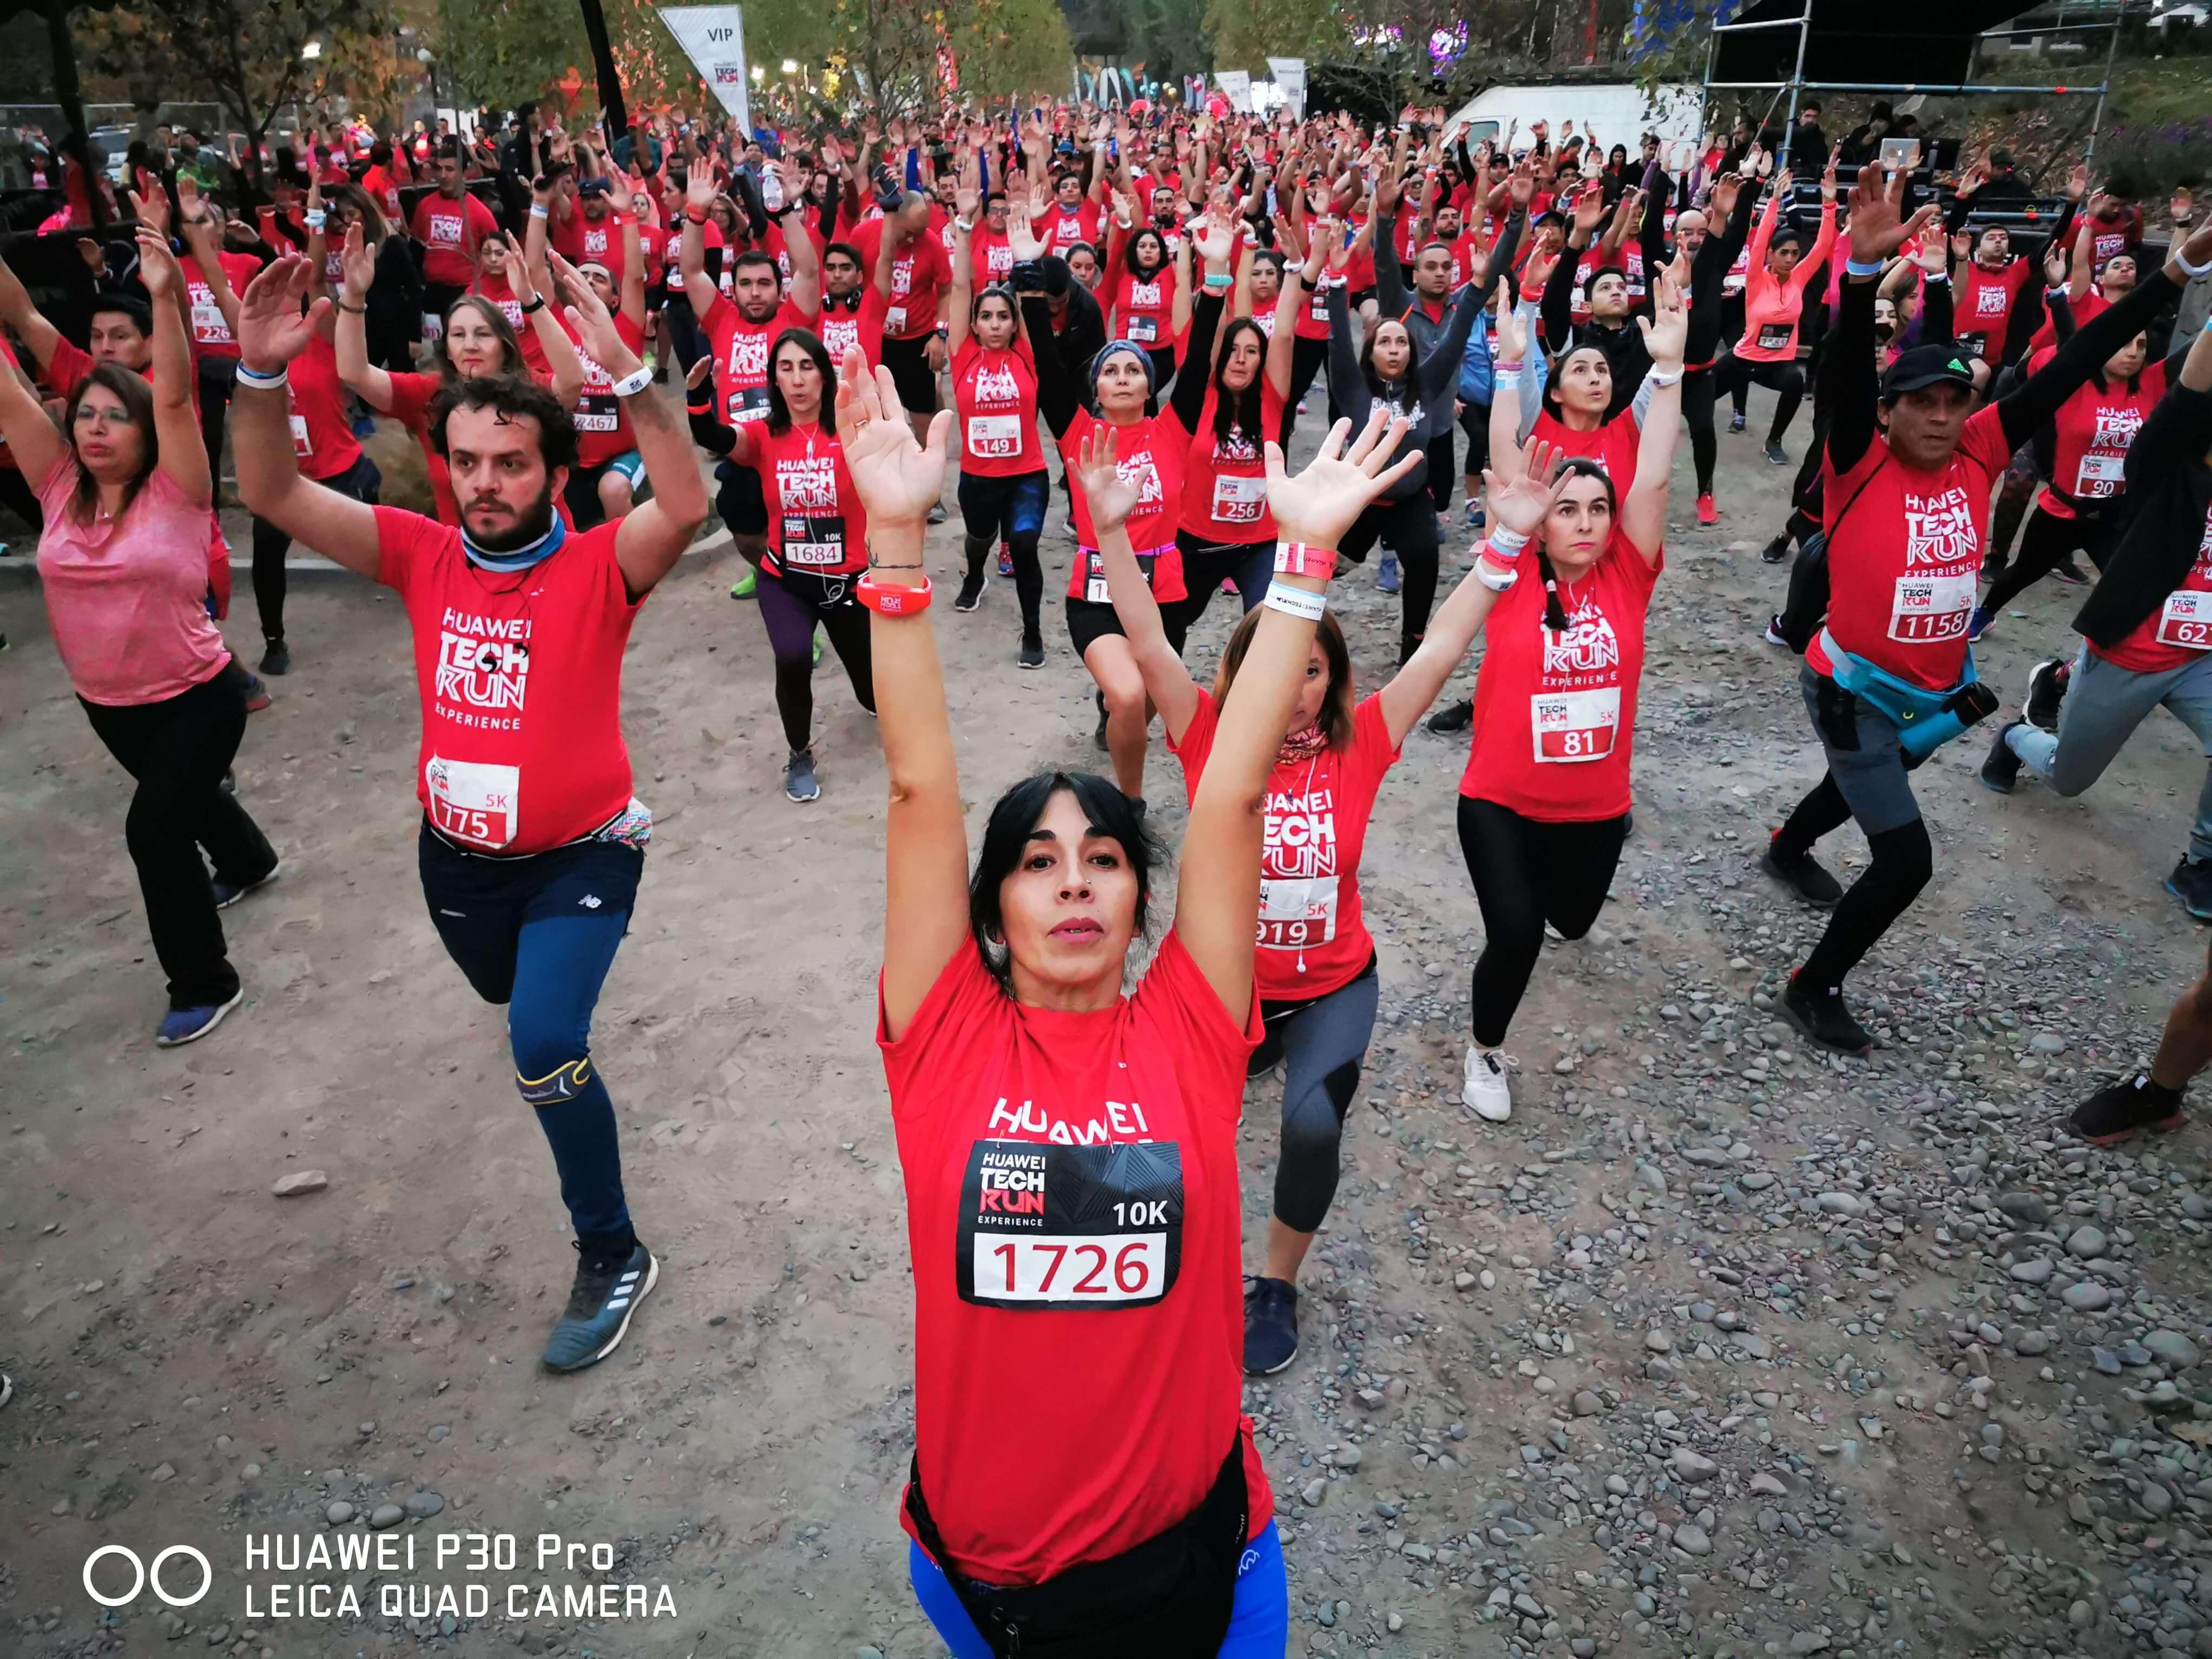 Corrida de Huawei reunió a cerca de 3 mil runners y se convirtió en una de las carreras más innovadoras del año